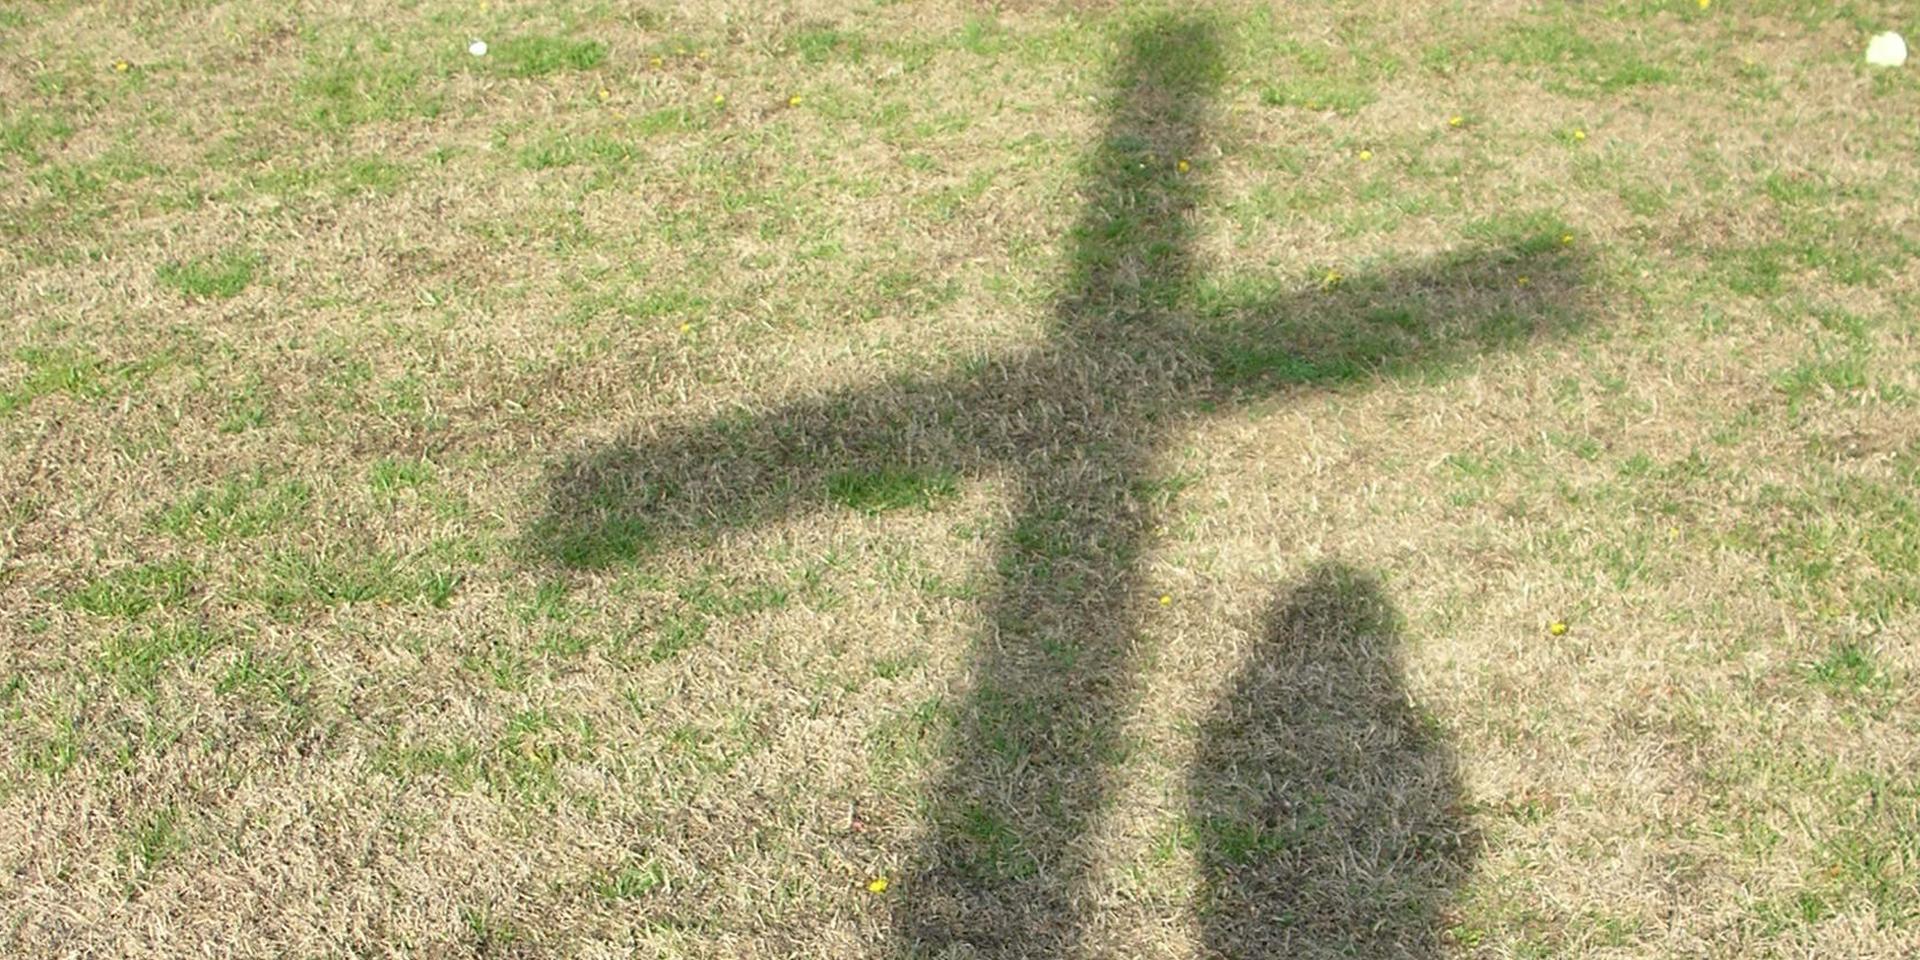 Schatten eines Kreuzes neben dem Schatten eines Menschen,© pixabay/amalgamate